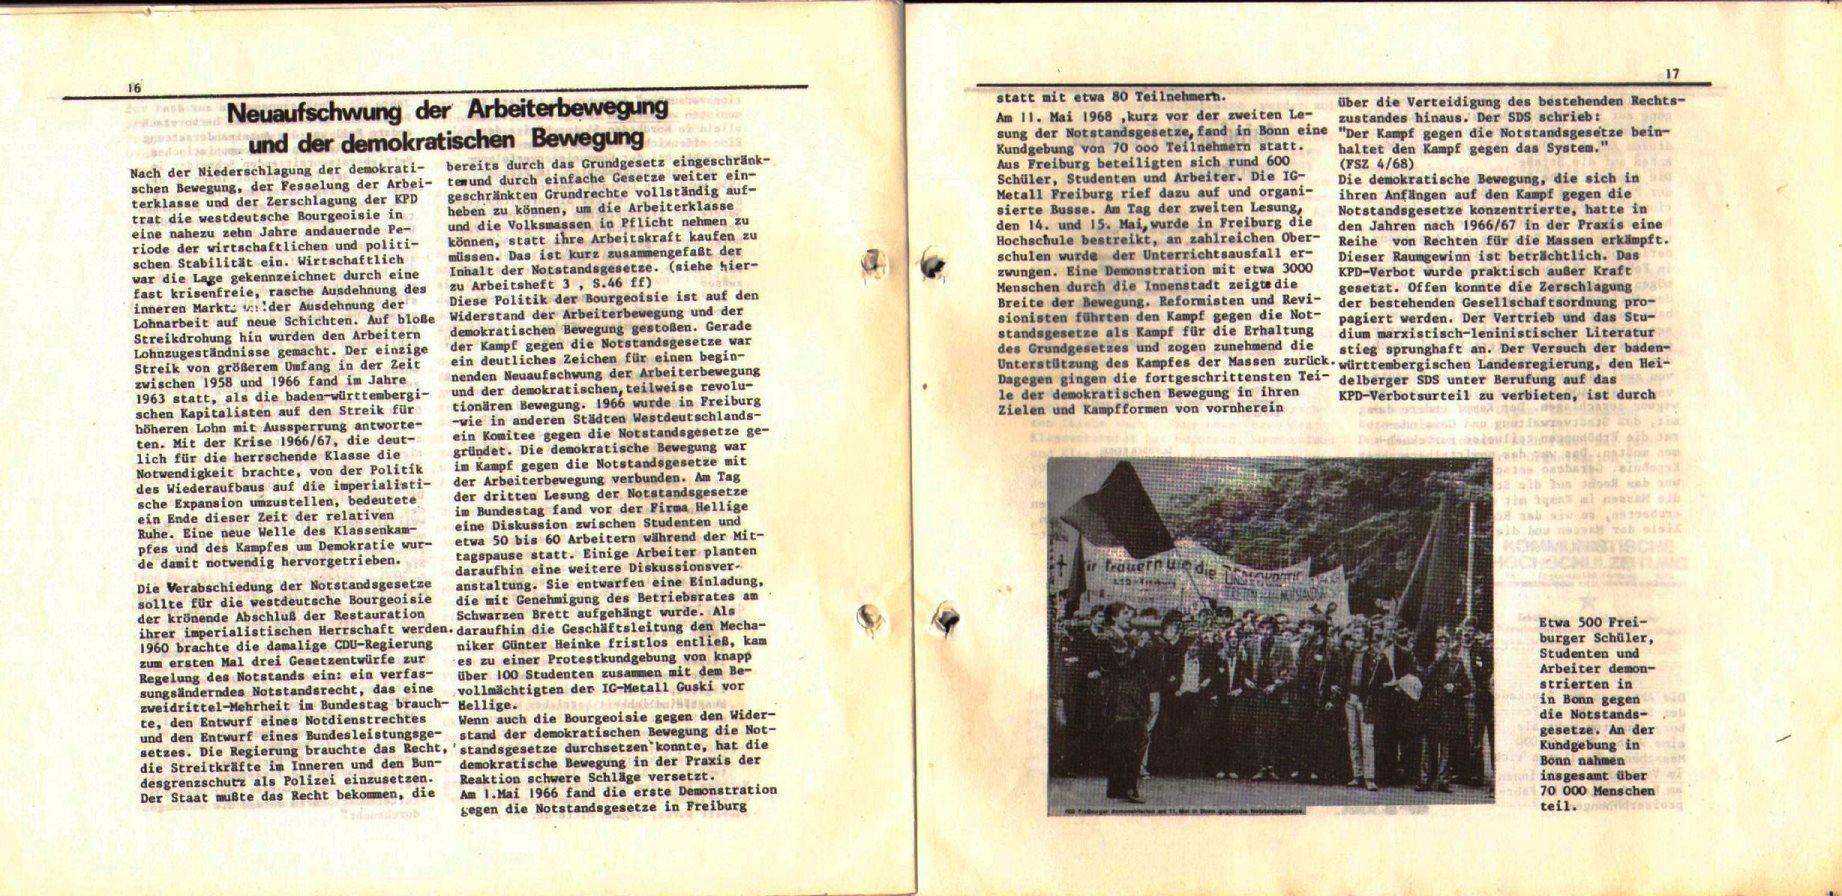 Freiburg_KBW_1975_Gemeinderatswahlen027